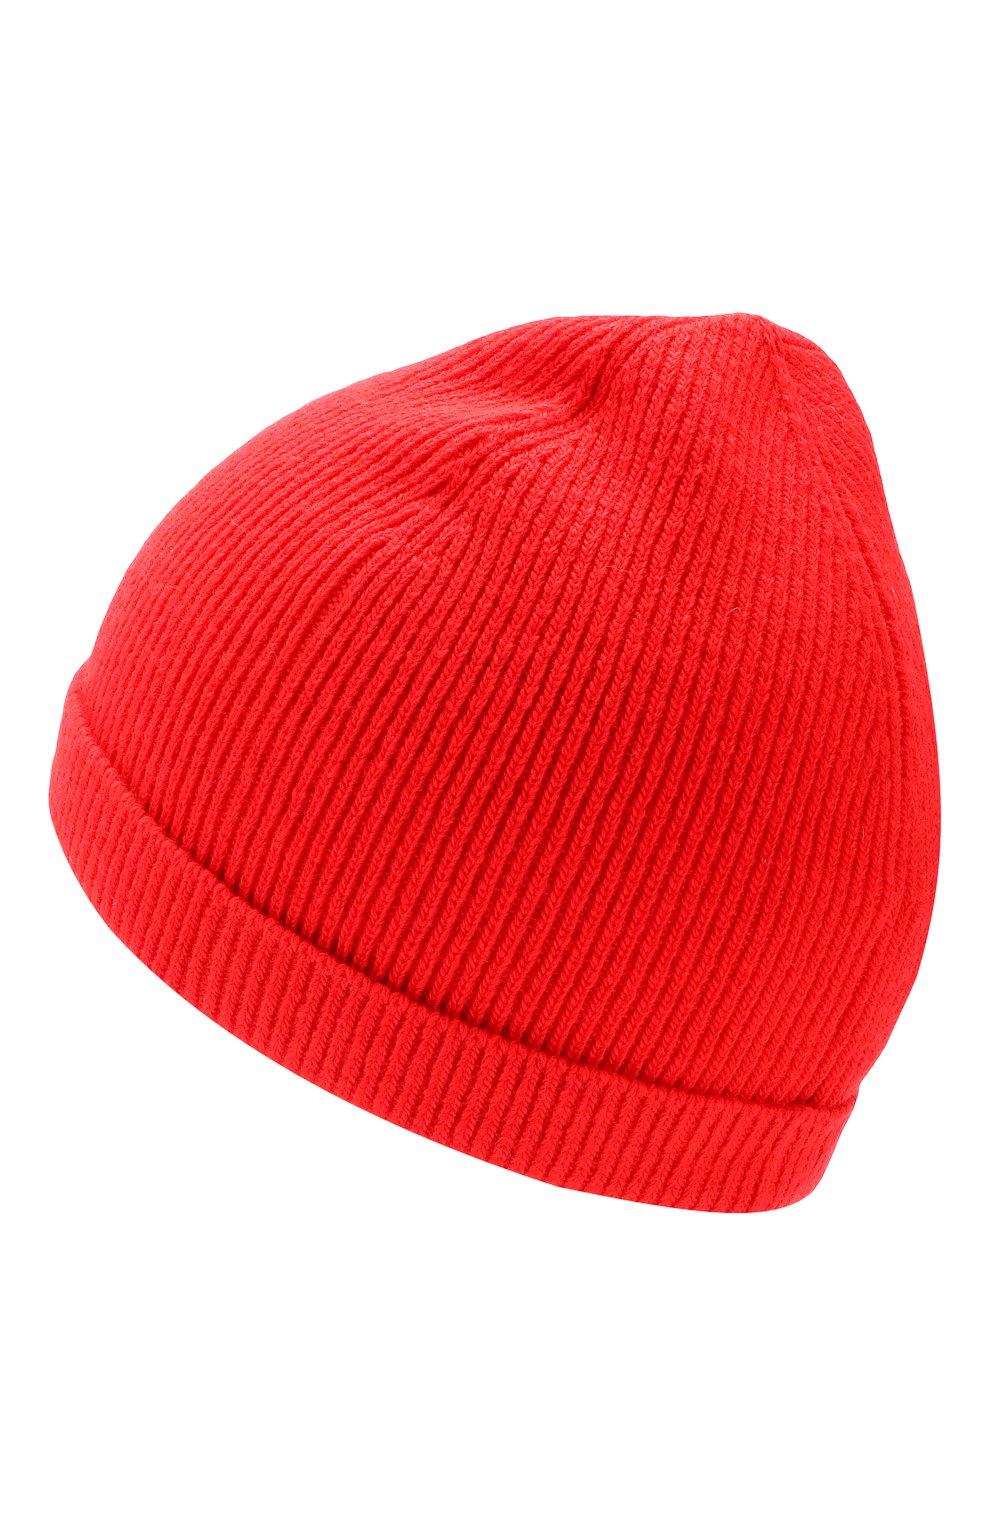 Шерстяная шапка бини CALVIN KLEIN 205W39NYC красного цвета | Фото №2